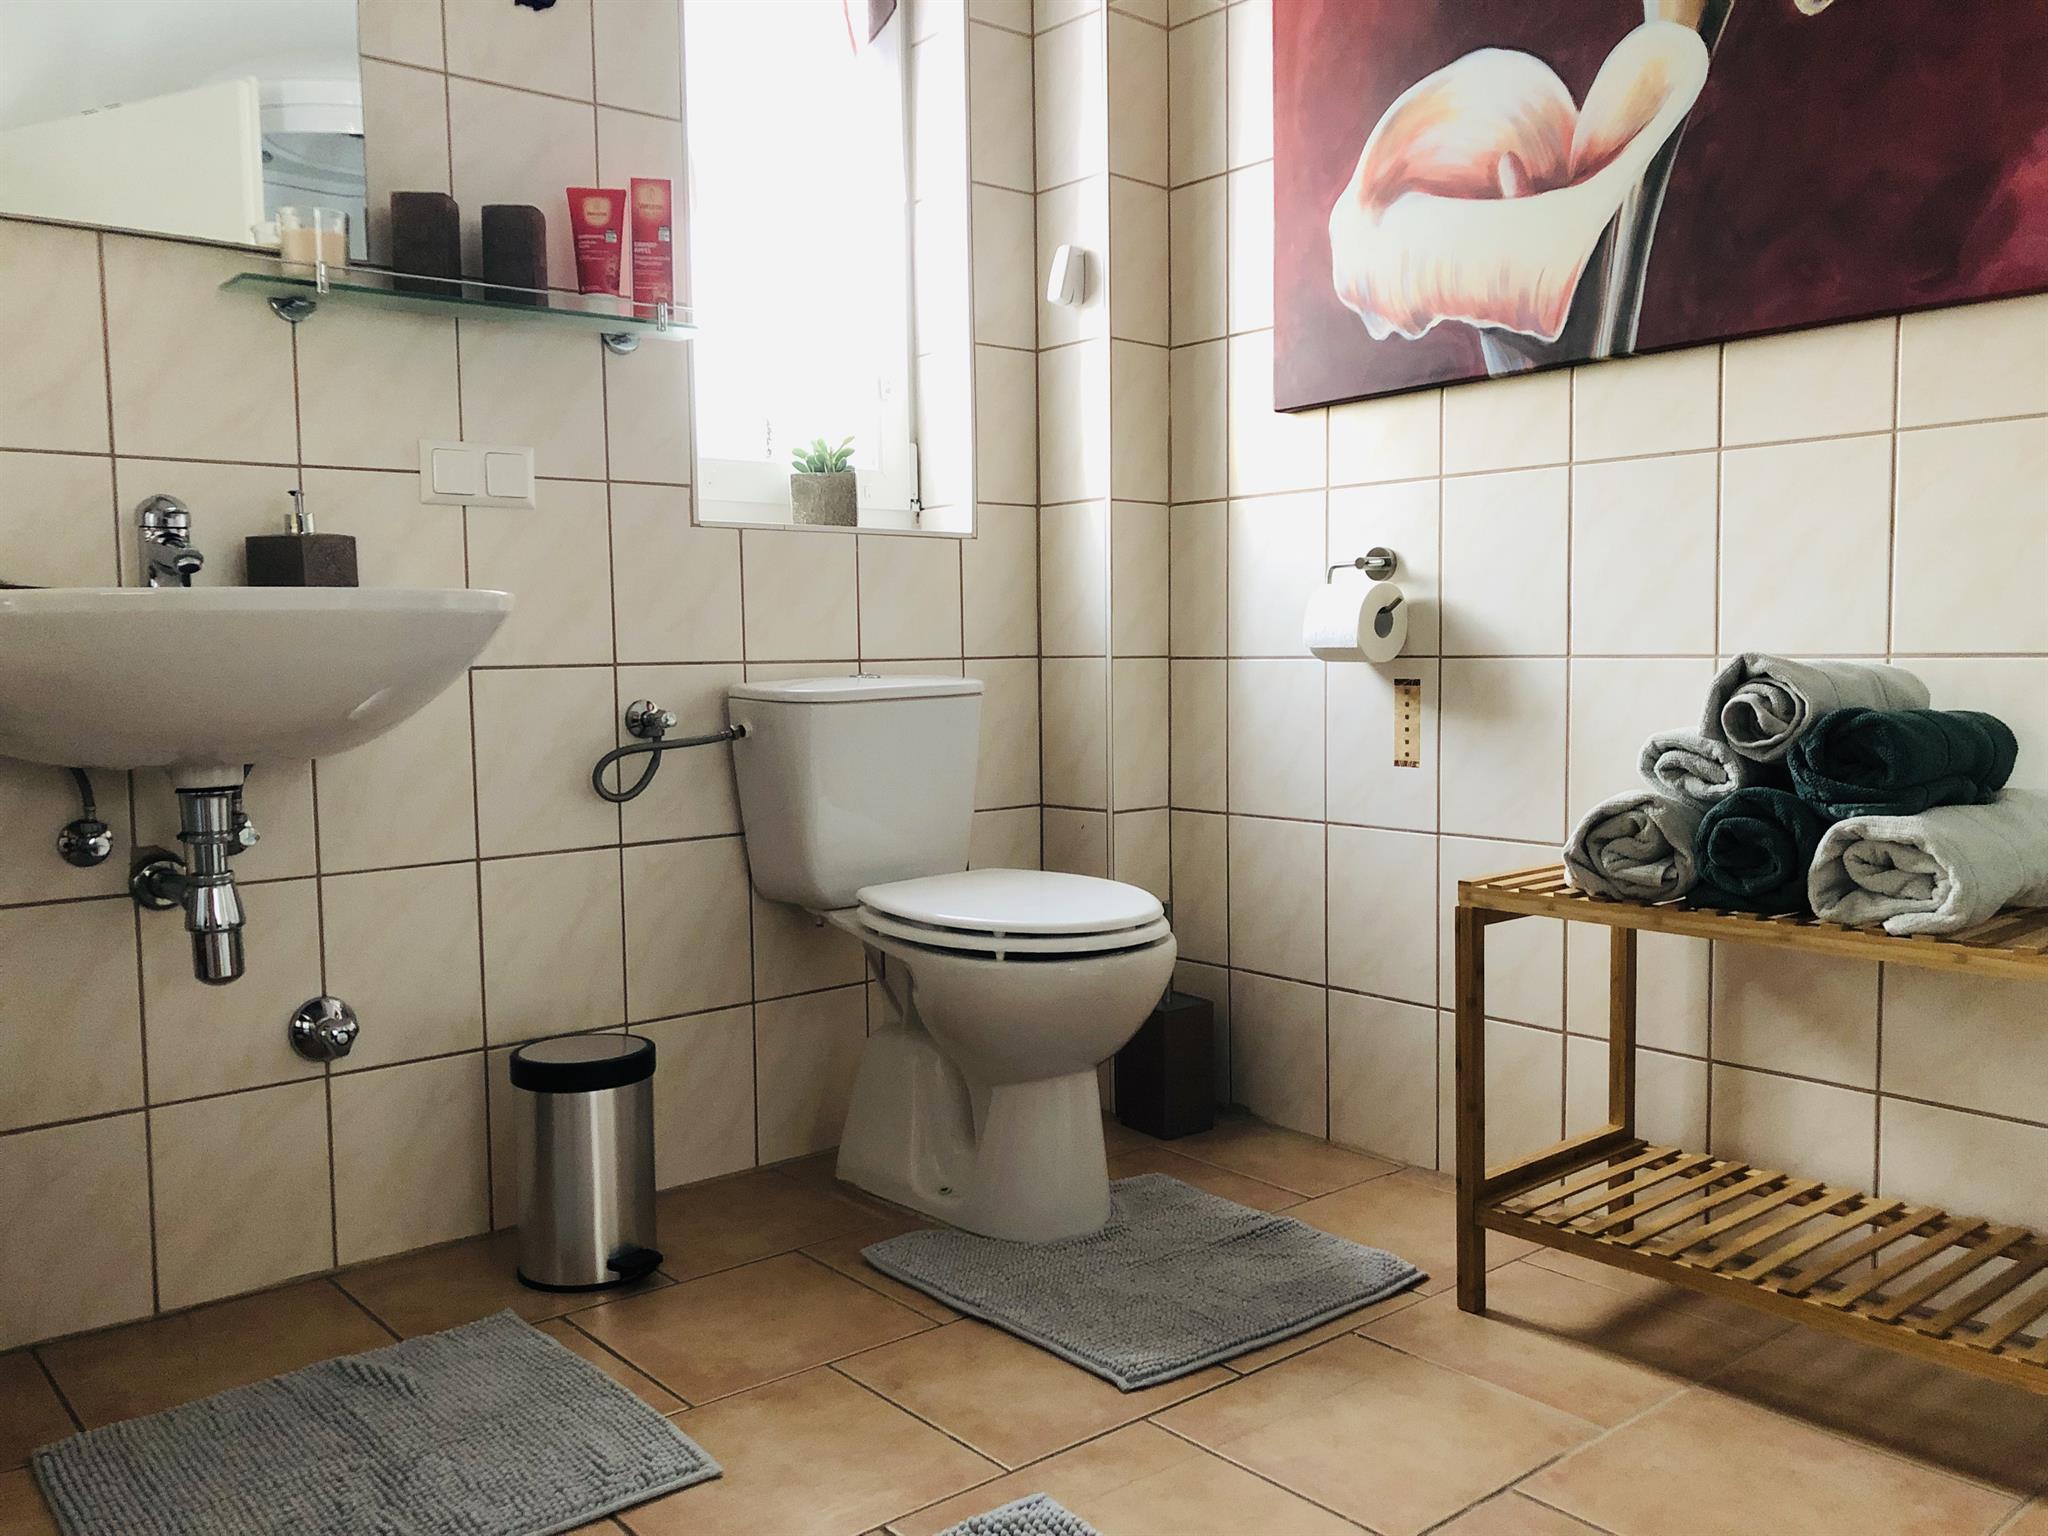 Ferienhaus Villach Villach (2548000), Villach, Villach, Kärnten, Österreich, Bild 91